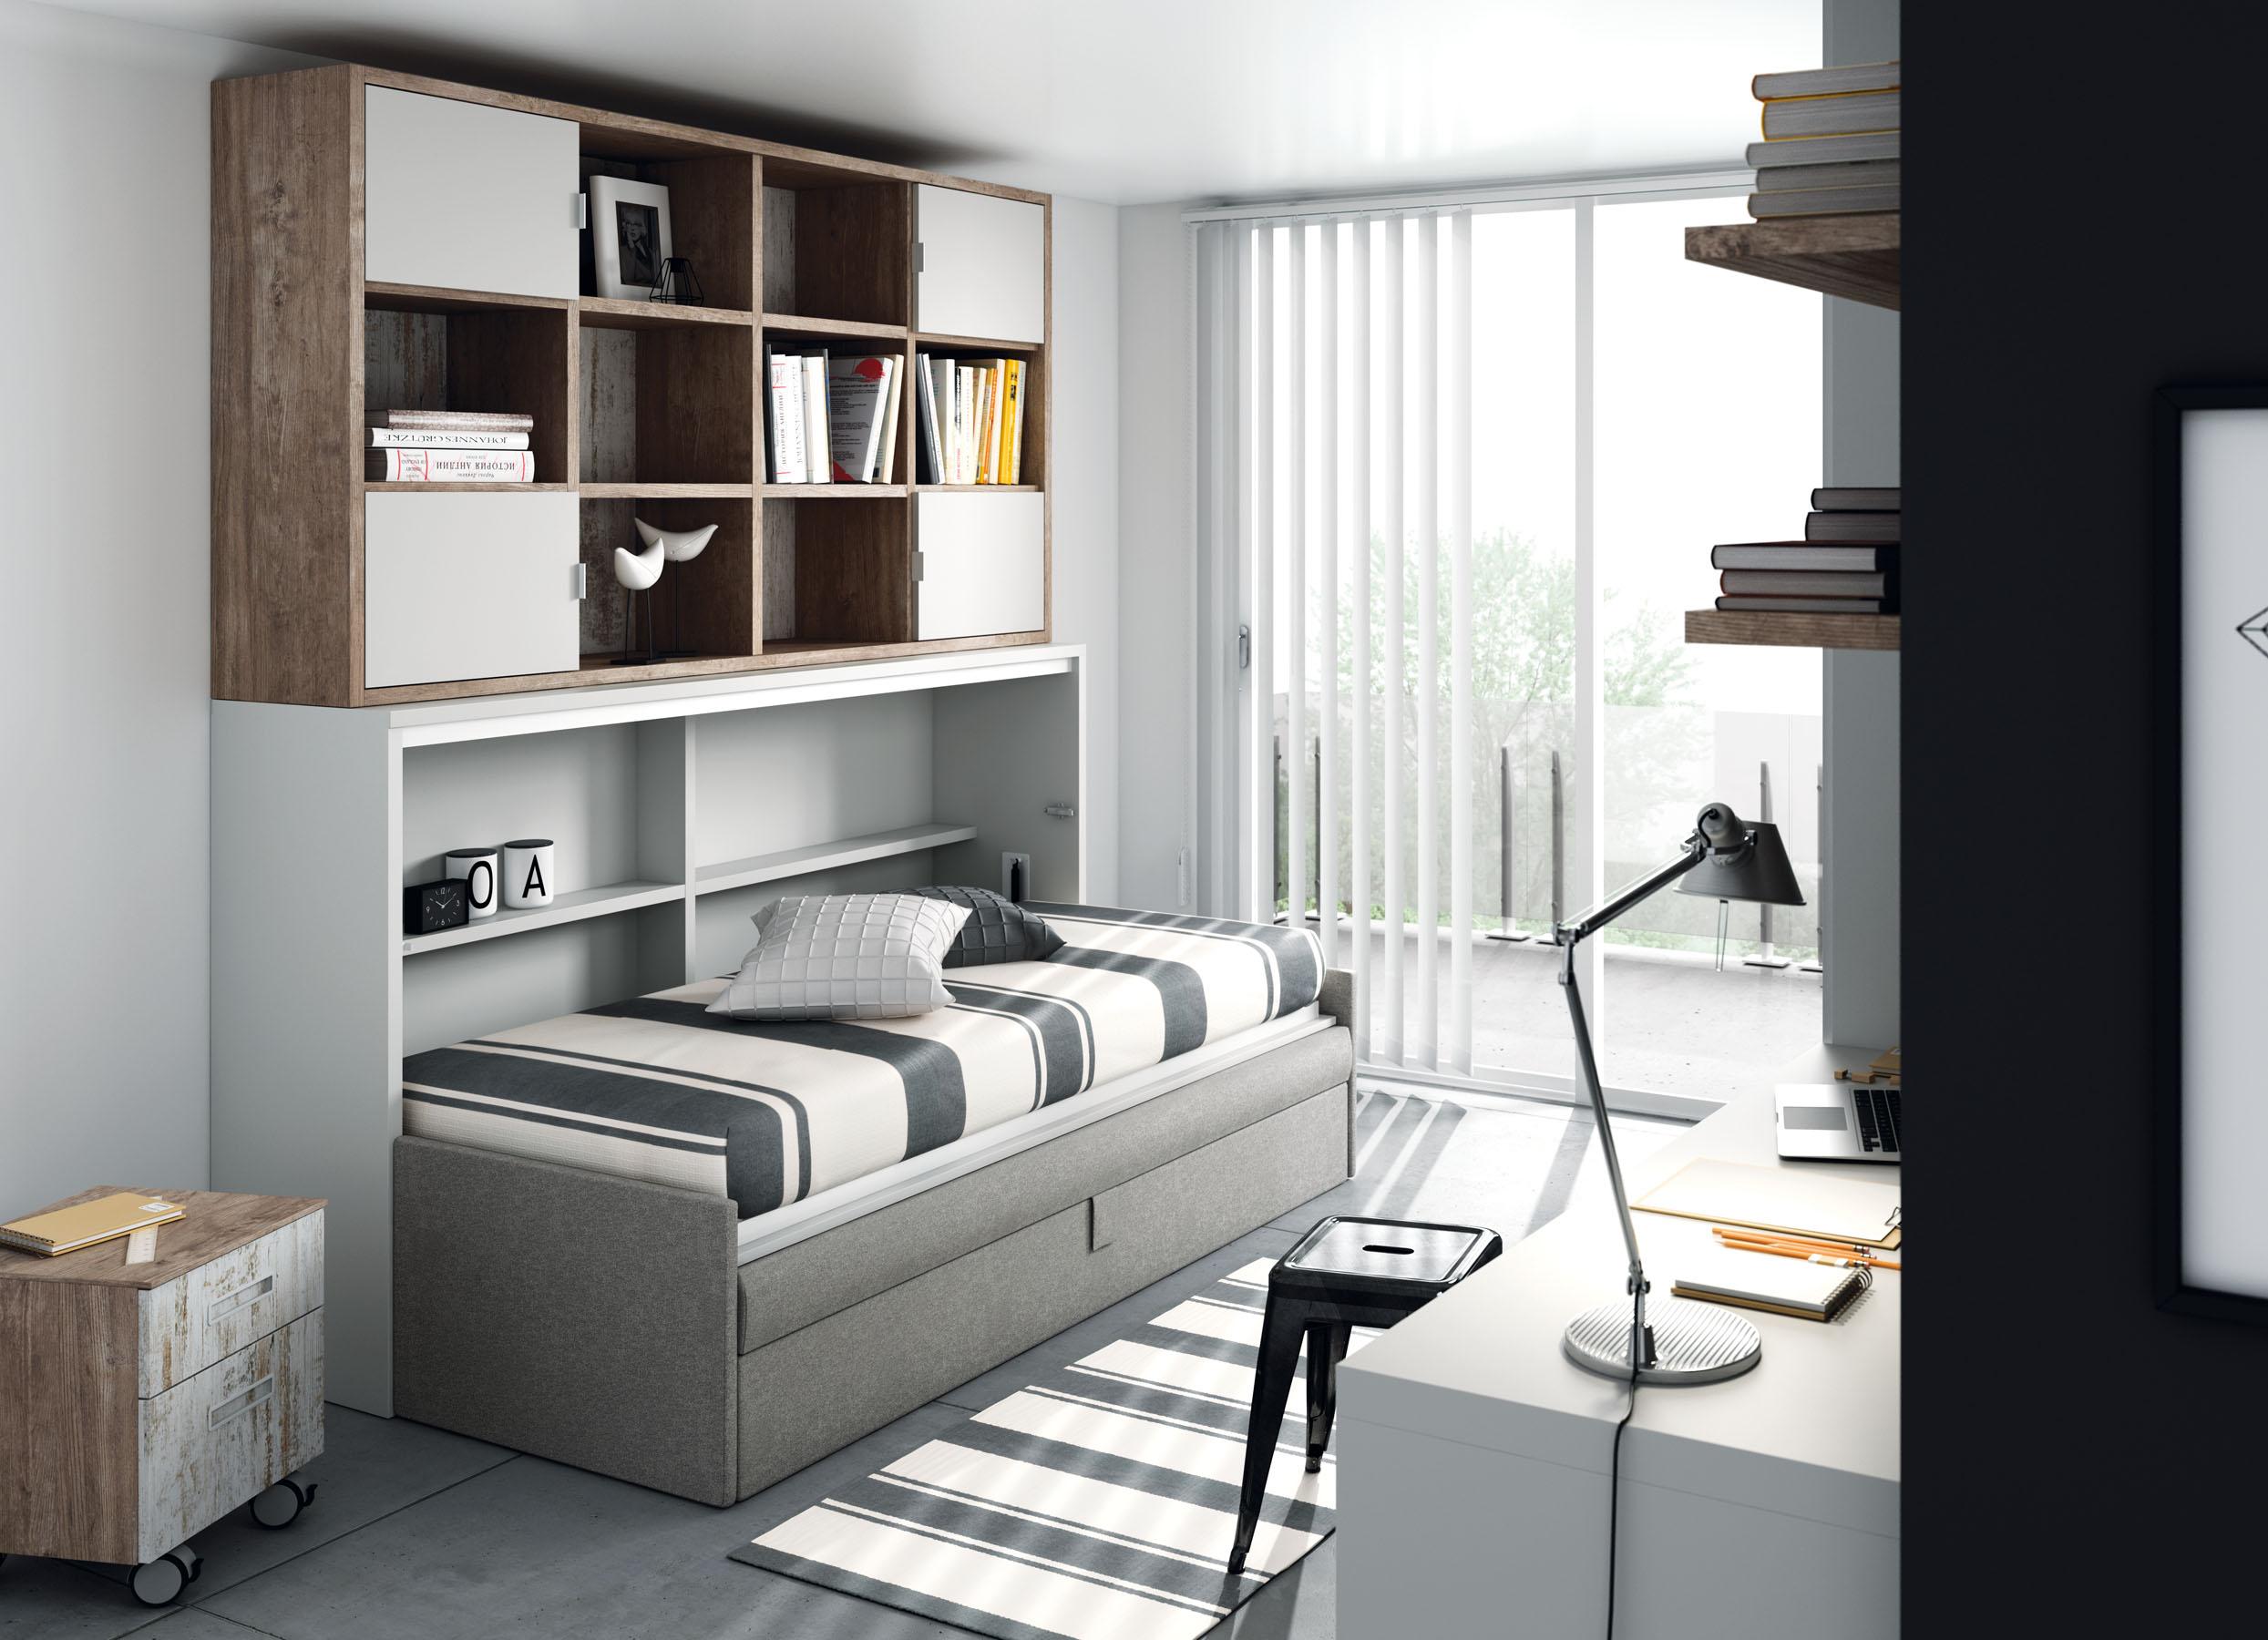 Camas abatibles horizontales con sofa camas abatibles for Camas divan juveniles